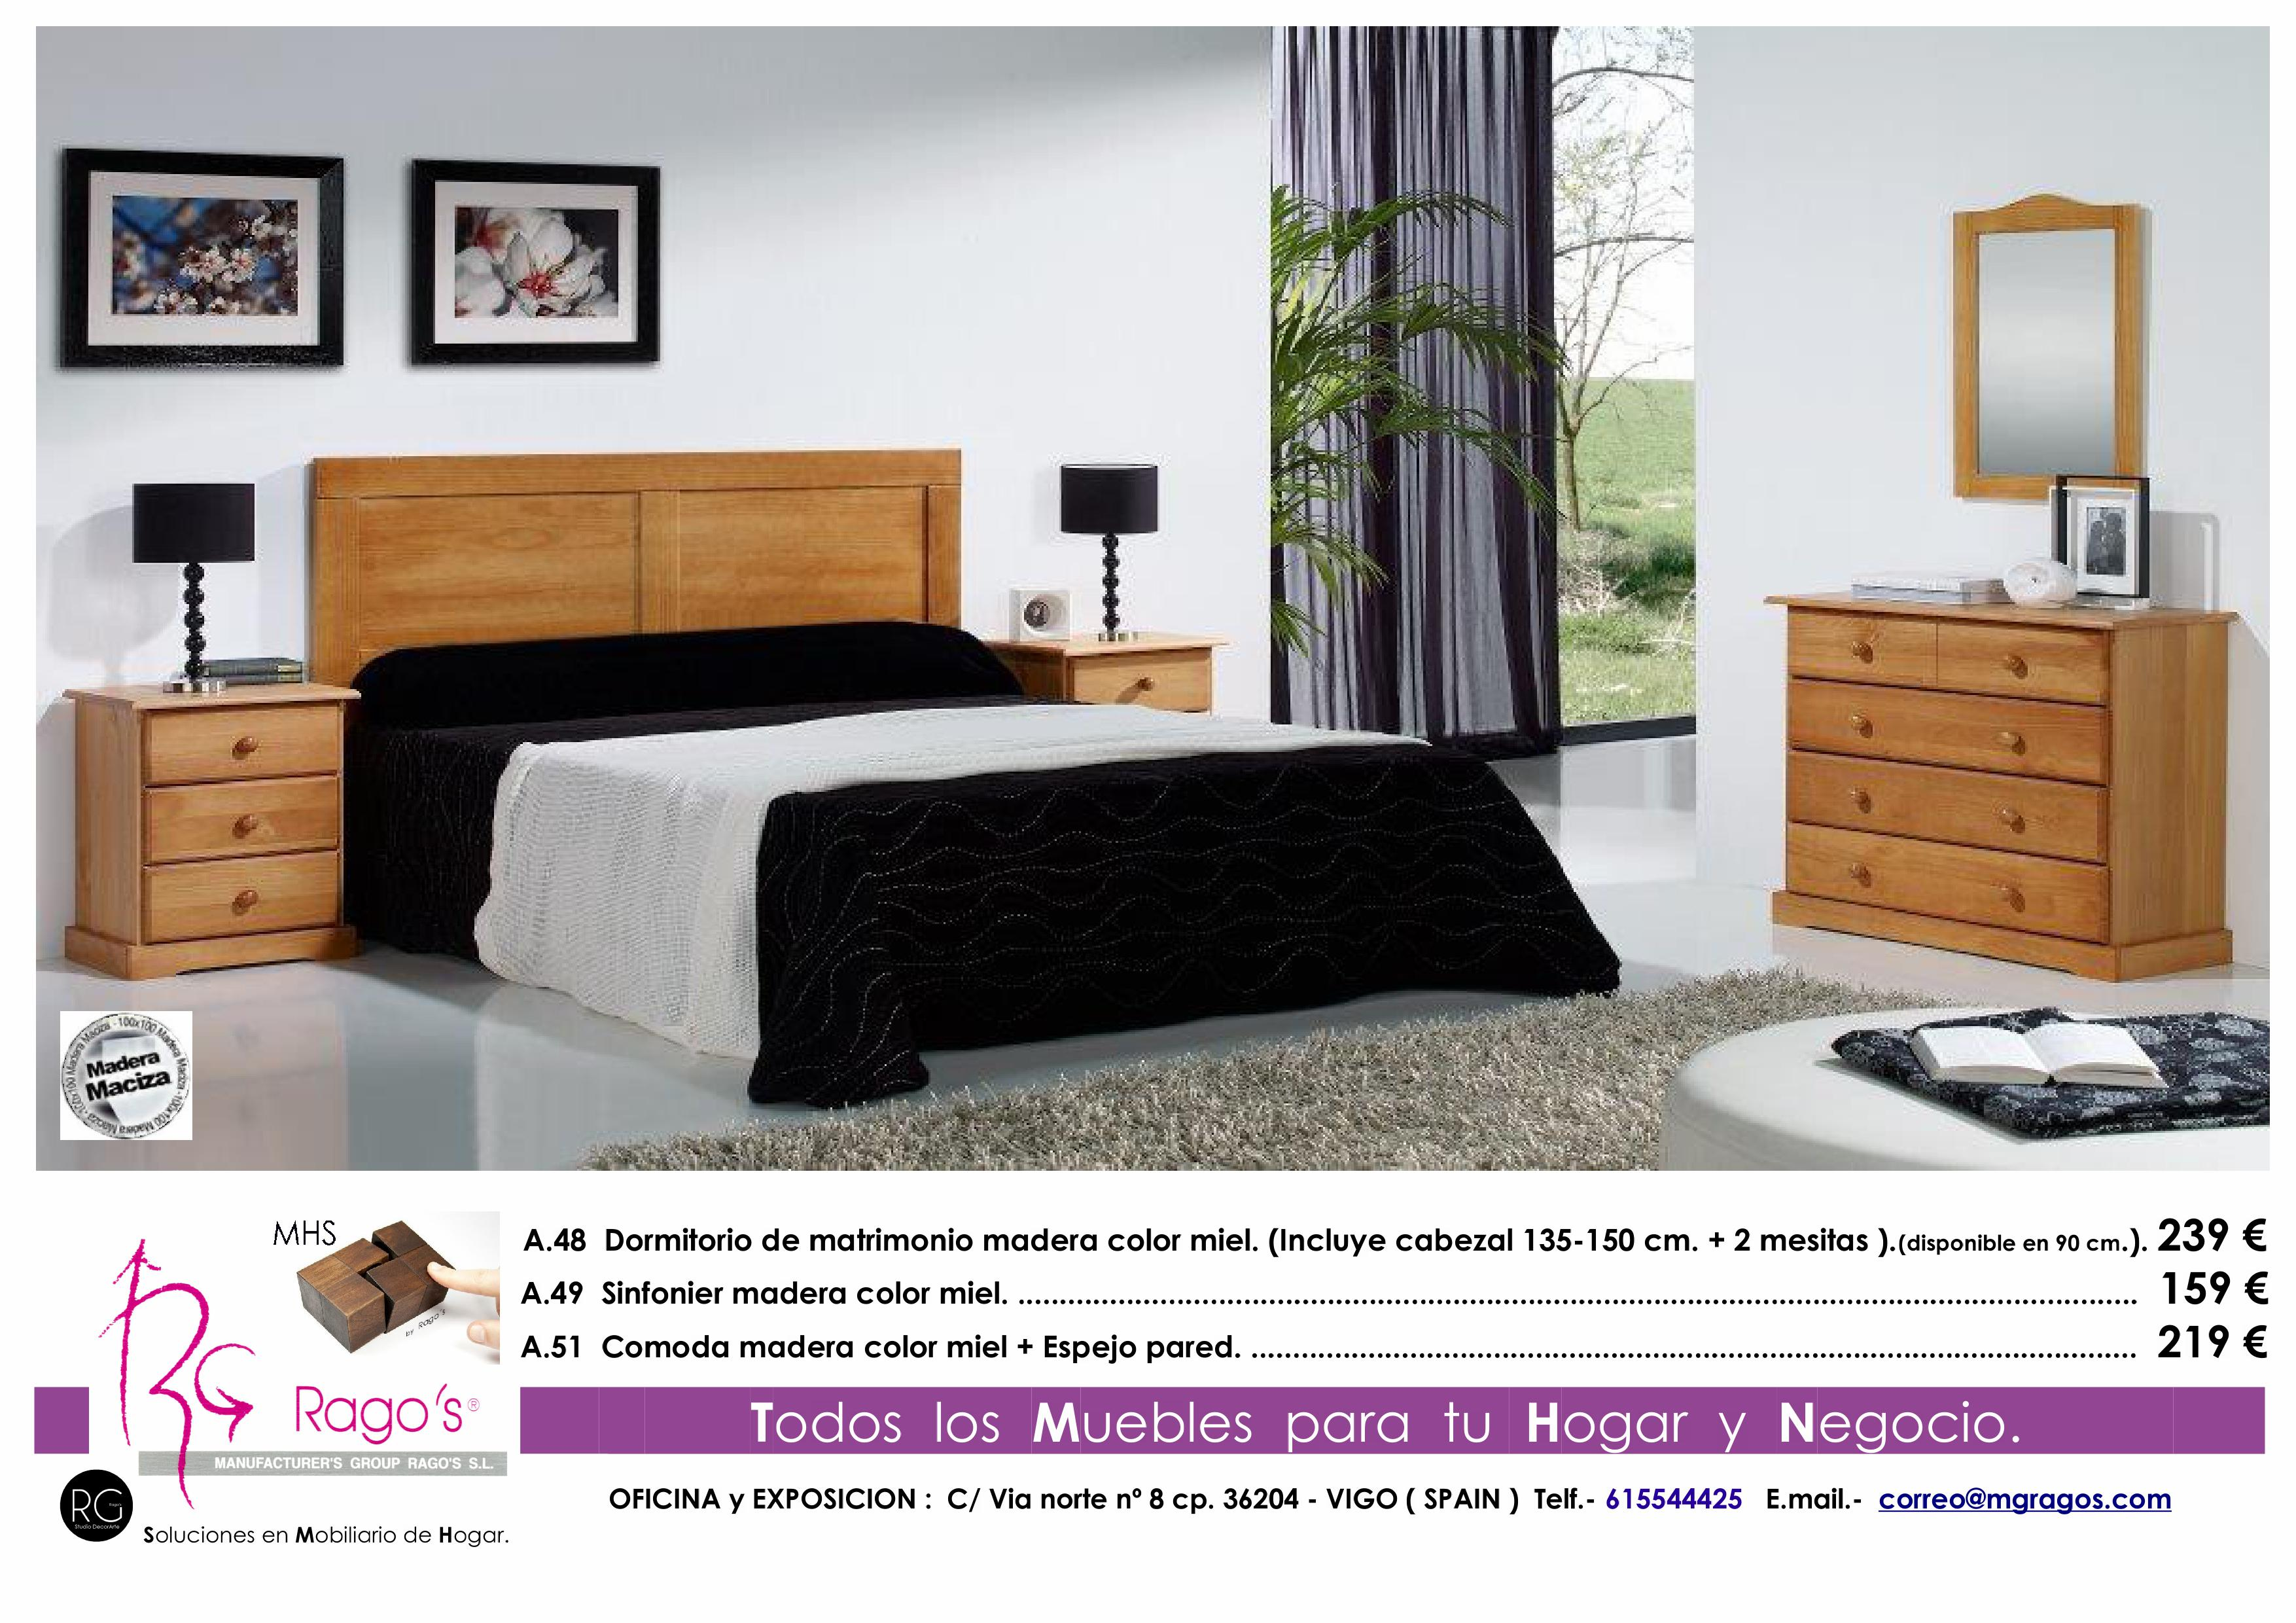 A.48-A.51 Dormitorio (Cabezal+Mesitas-Comoda+Espejo) Pag. nº 6